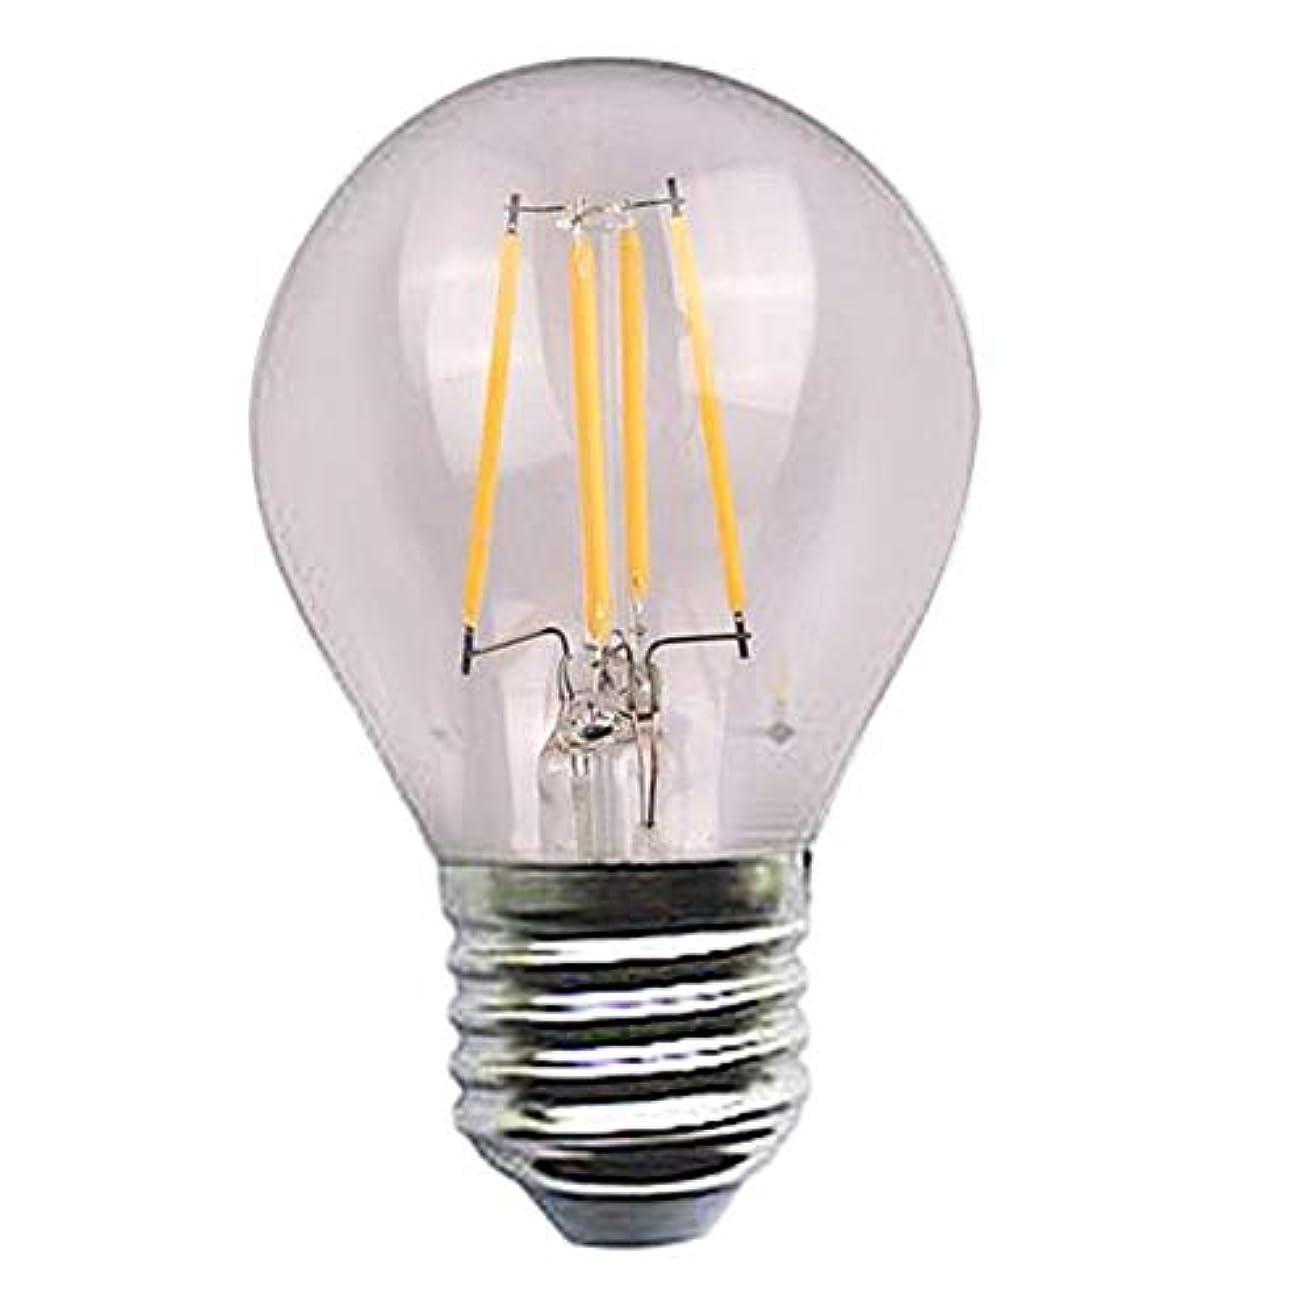 治す大学フォームエジソンはフィラメントシリーズ球根4w 110-220vの銀ランプの頭部を導きました